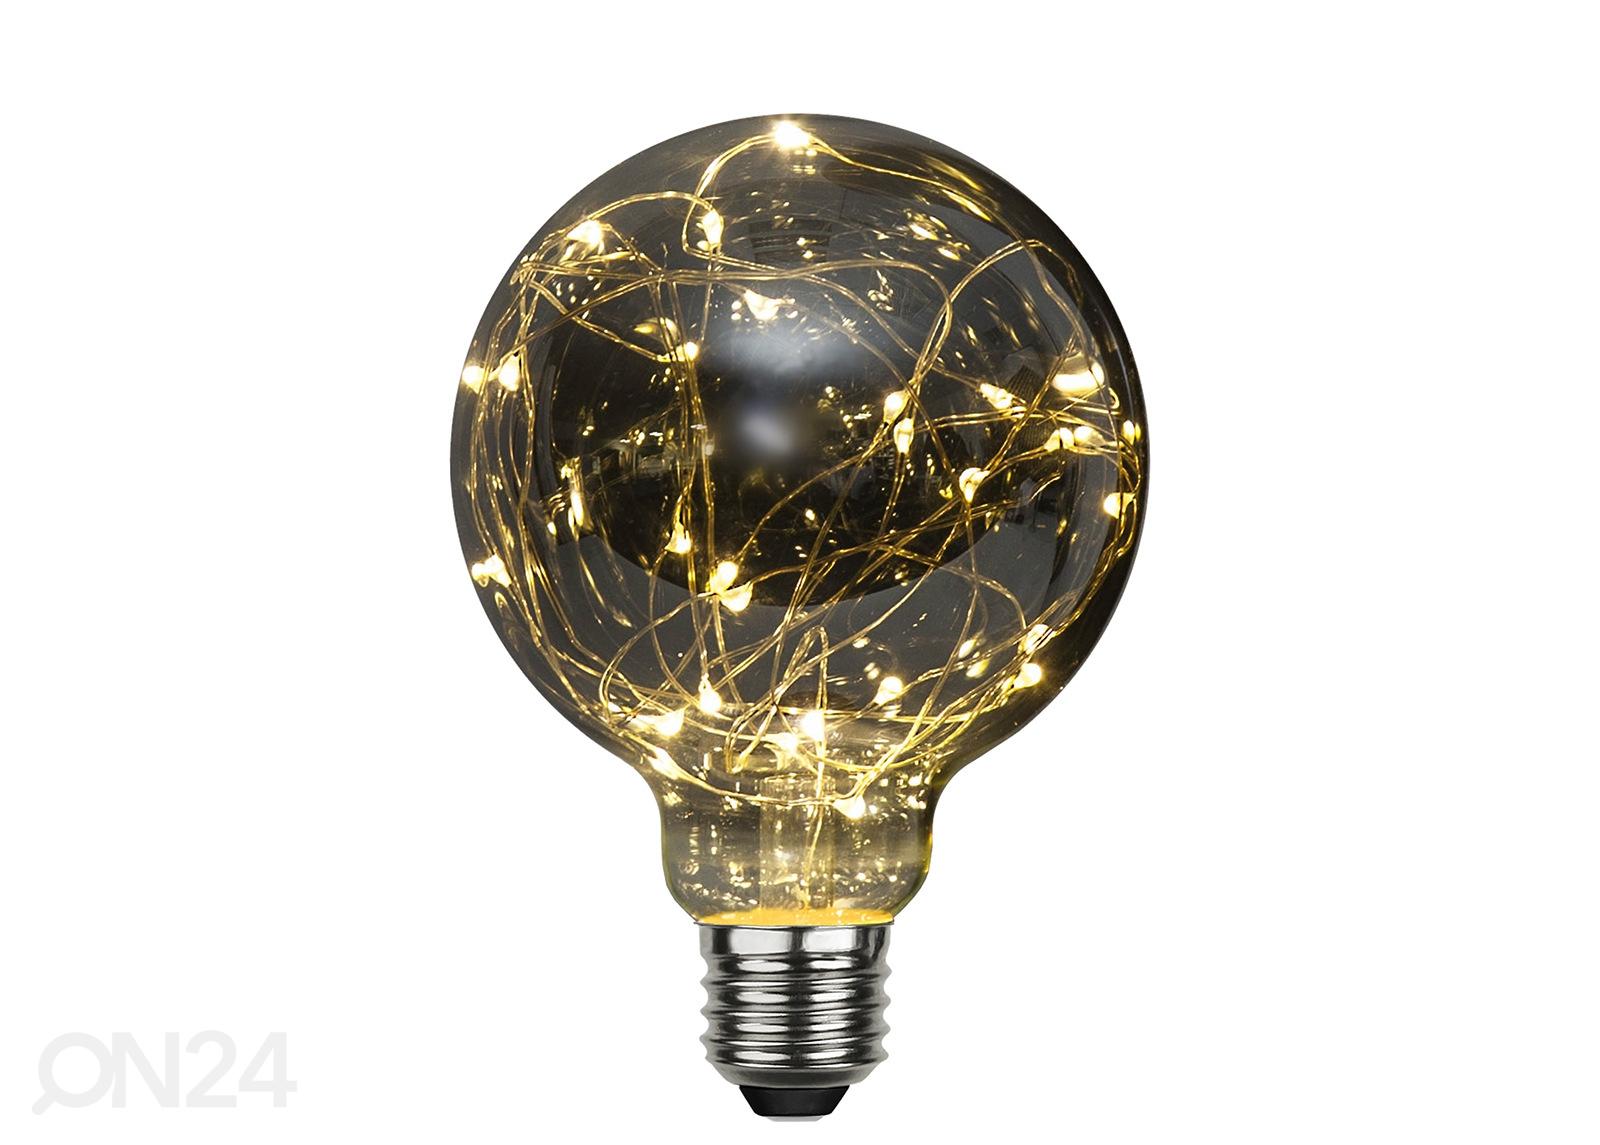 c8708422c13 Dekoratiivne LED pirn E27 1,5 W AA-142477 - ON24 Sisustuskaubamaja